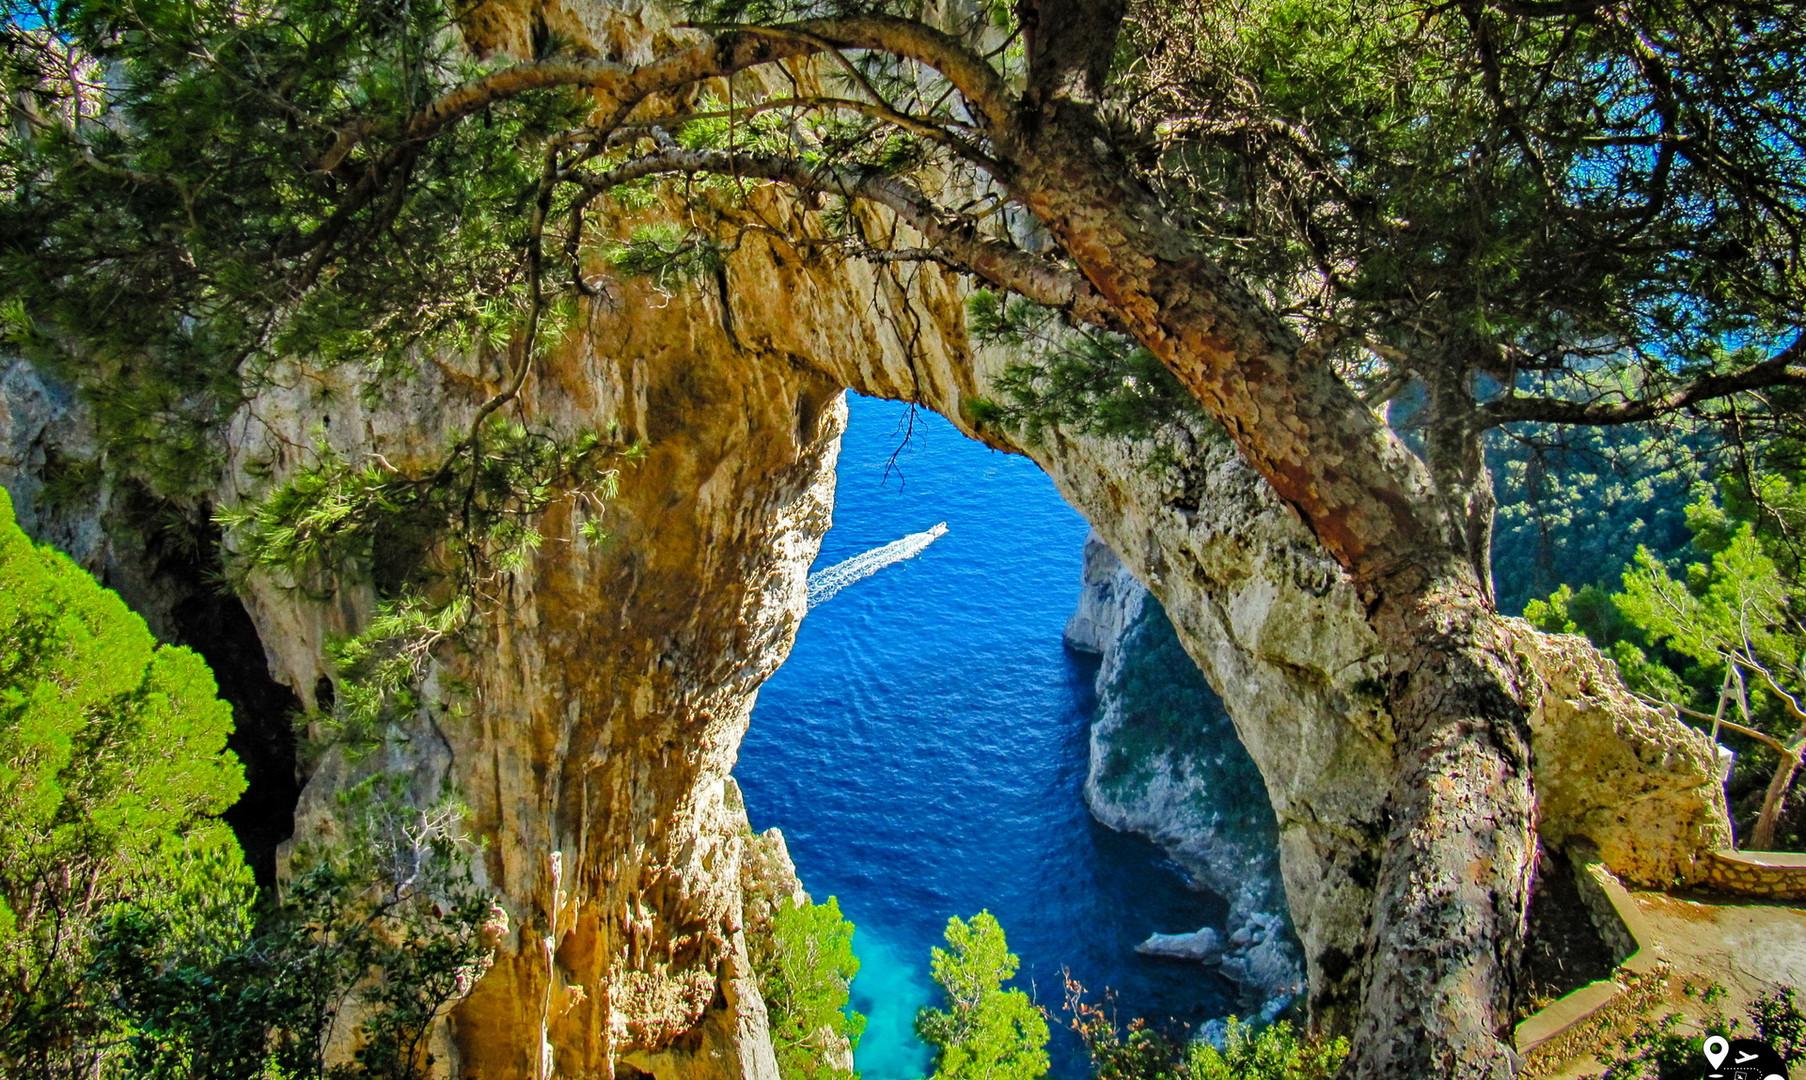 Арка из горы, остров Капри